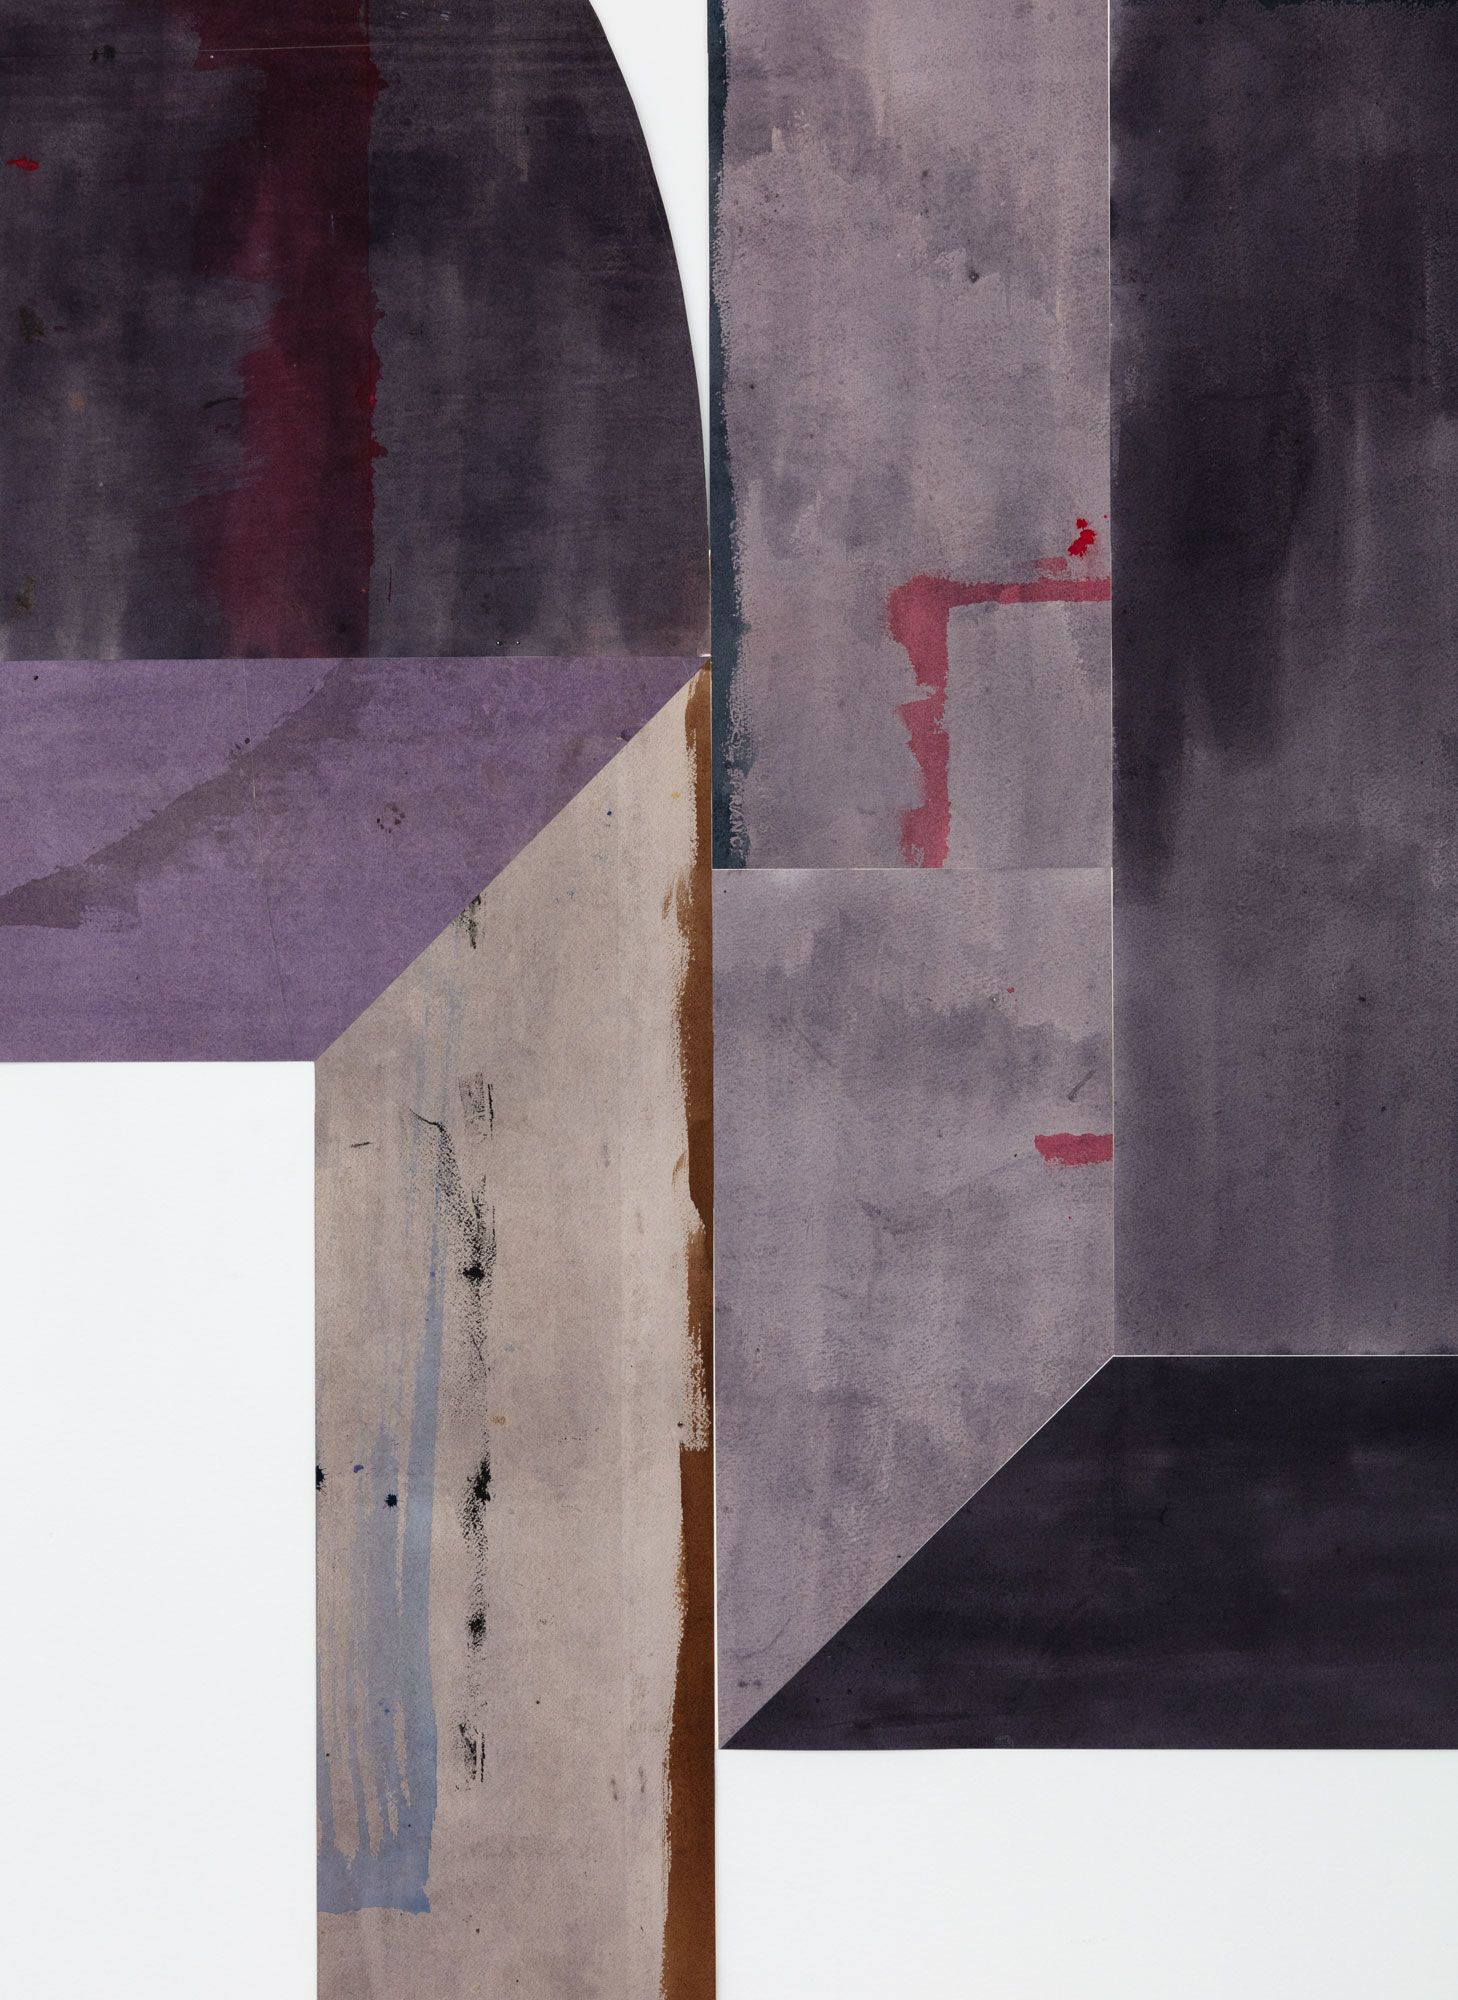 Untitled (floor paper, medium, all gall), detail